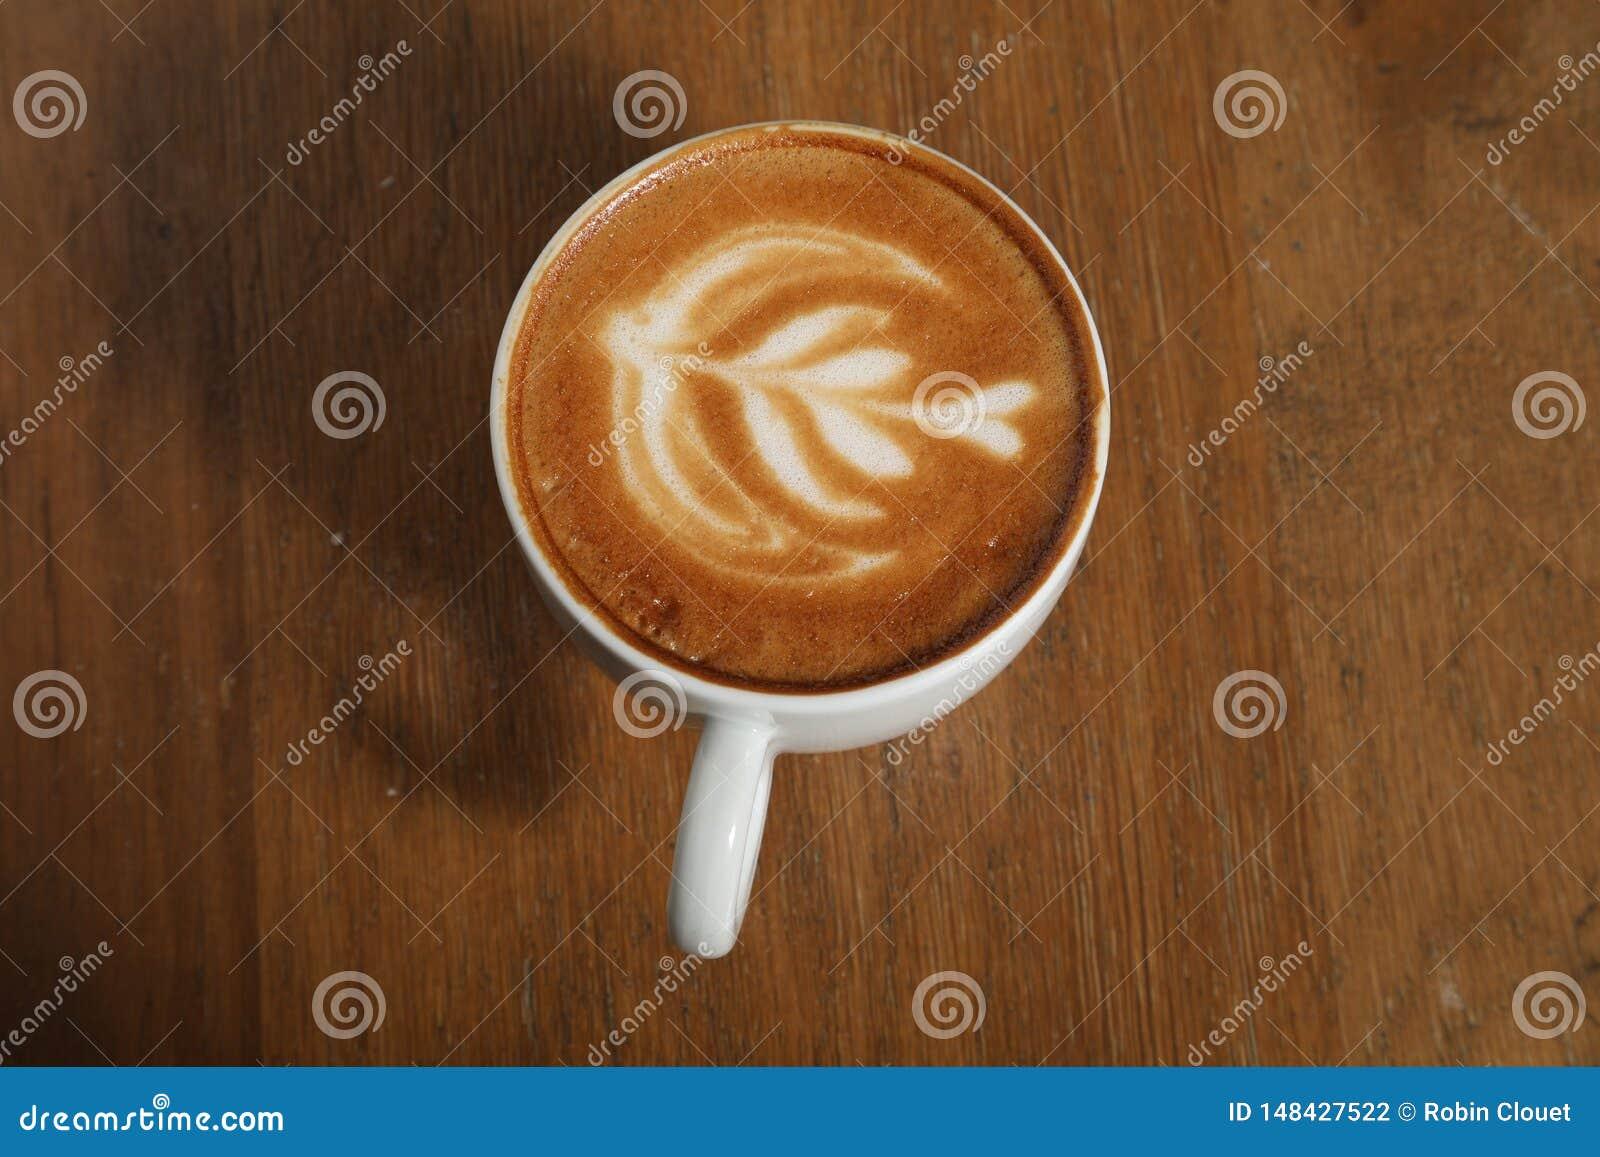 La tazza di caffè piacevole assorbe la crema